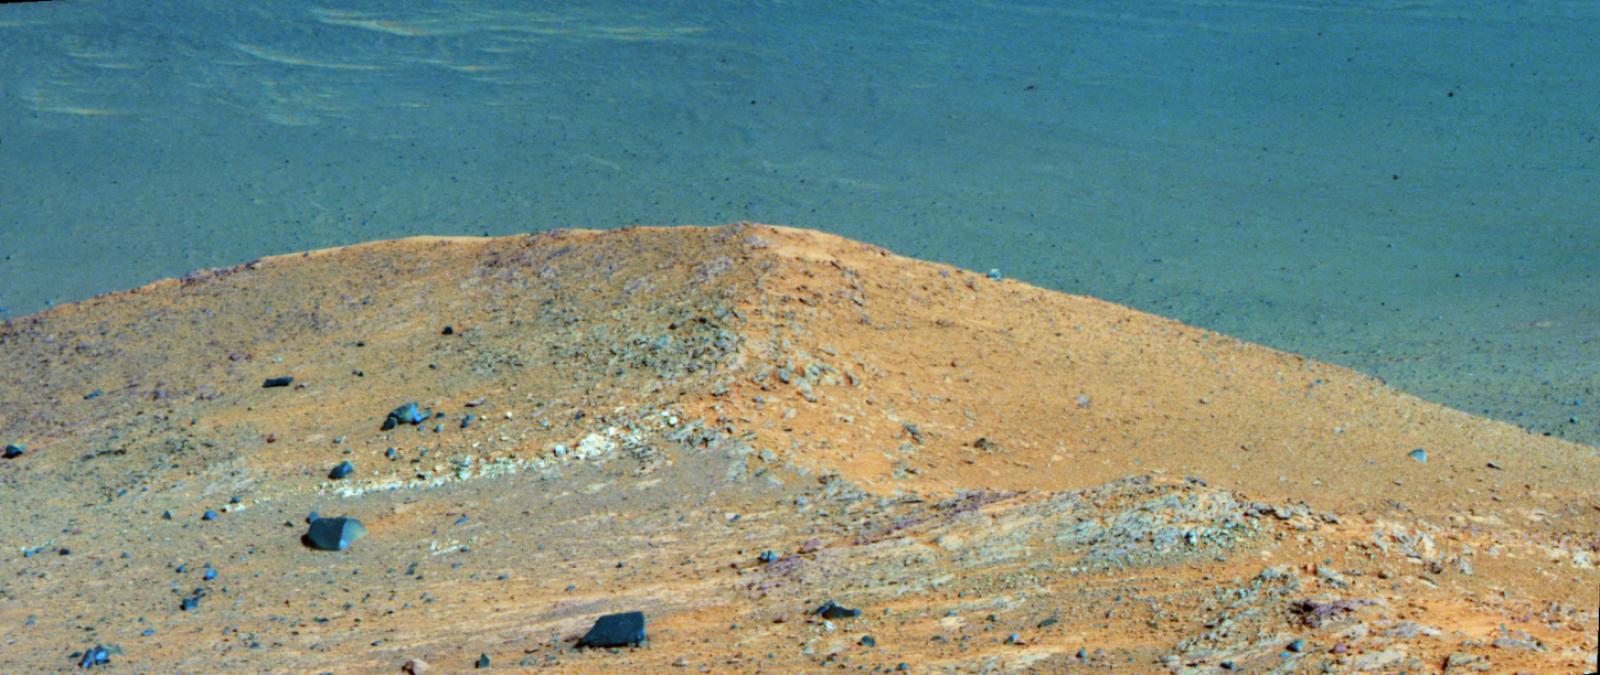 Composició de dues imatges del terra àrid de Mart captades per l'Opportunity    NASA